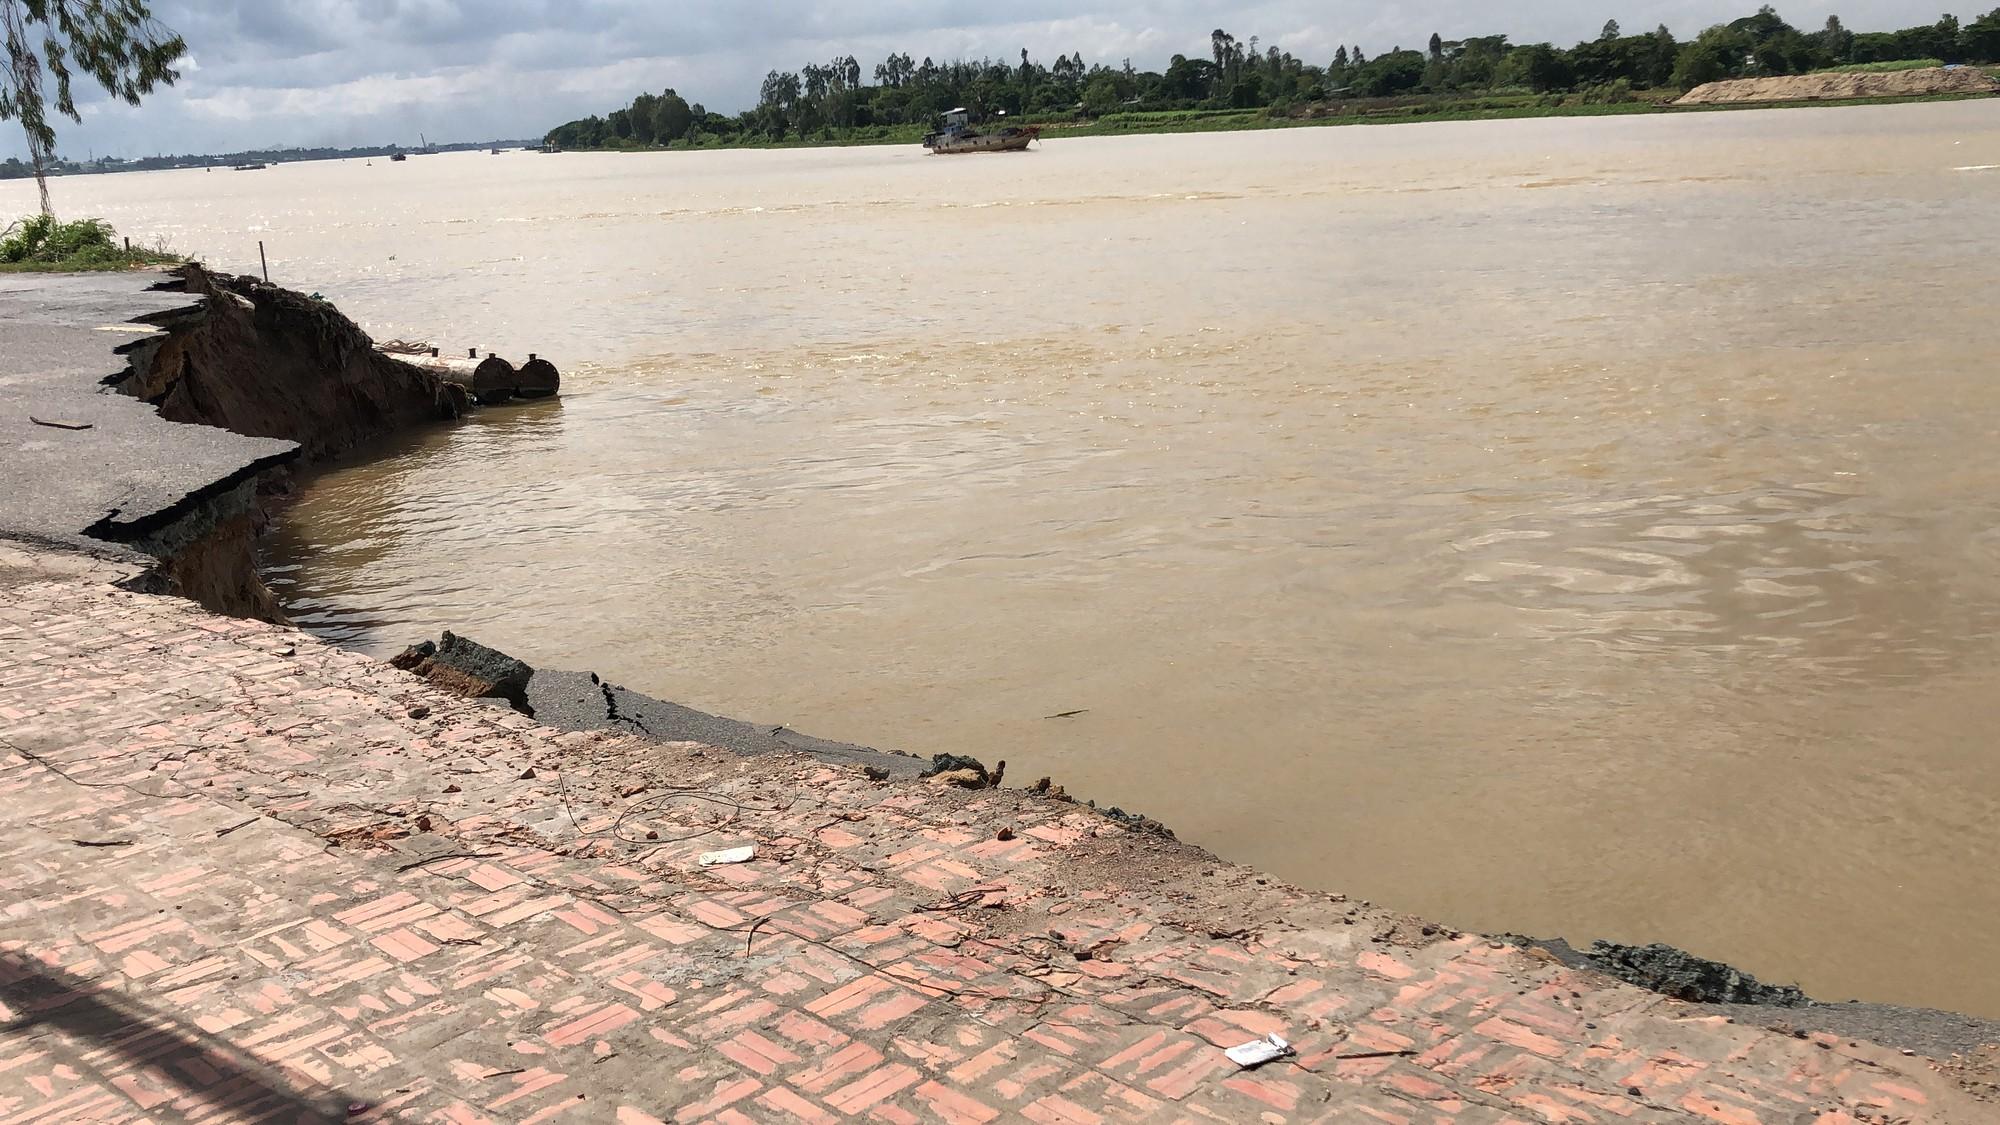 Flycam: Rùng mình với cảnh Quốc lộ 91 ở An Giang bị nuốt chửng - Ảnh 7.